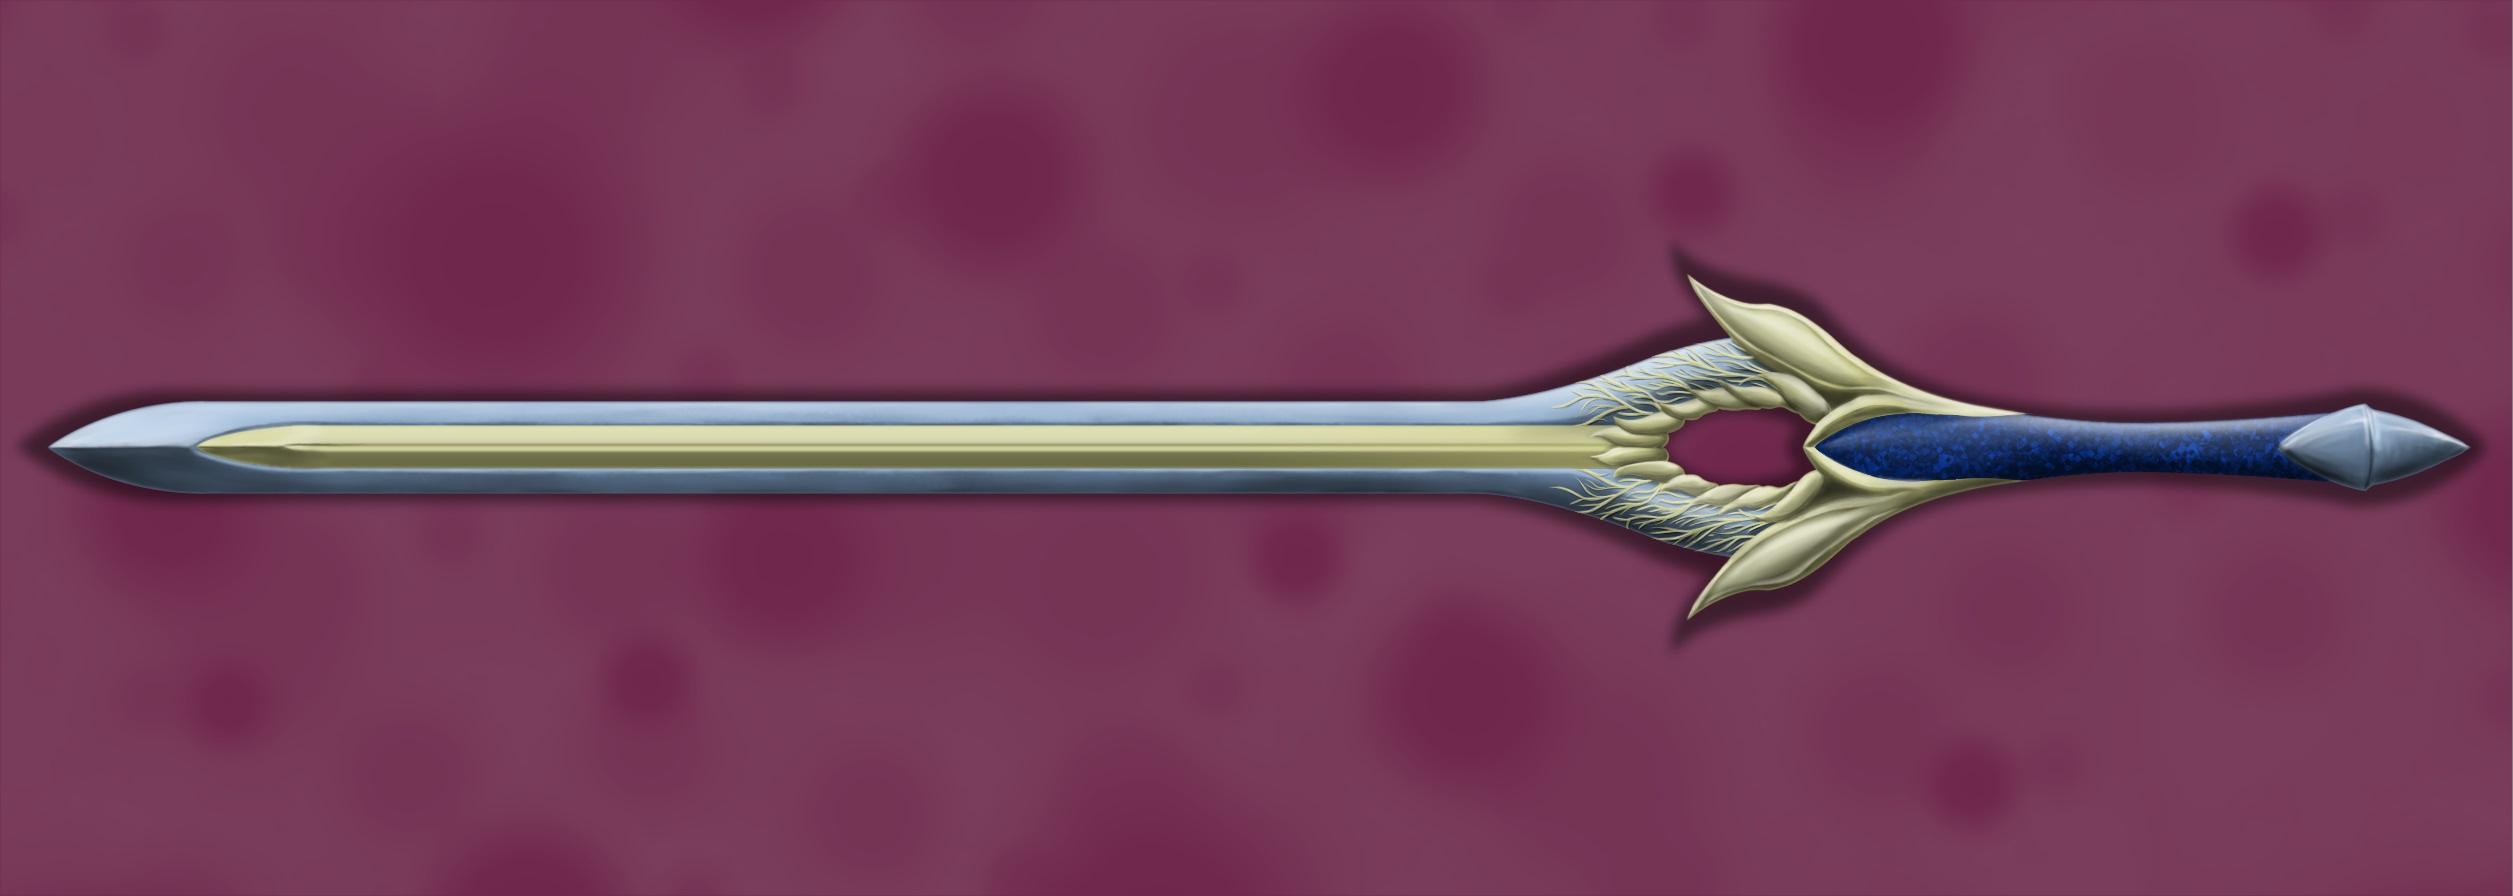 Alewn_Sword_Final.jpg